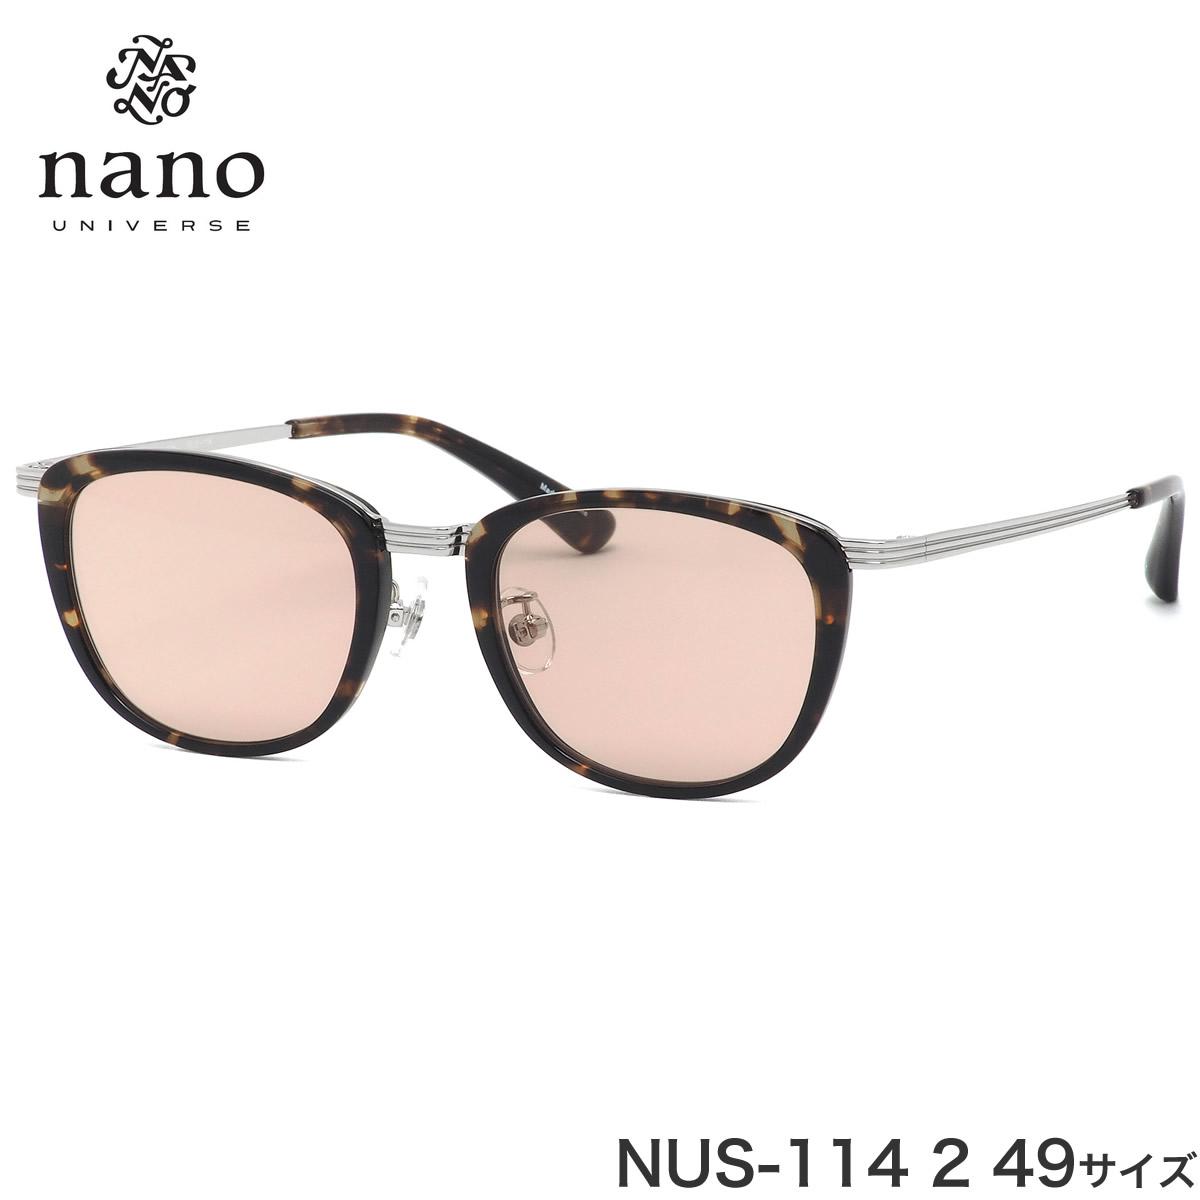 ナノ・ユニバース nano UNIVERSE サングラス NUS-114 2 49サイズ nanouniverse ナノユニバース レトロ おしゃれ スクエア メンズ レディース